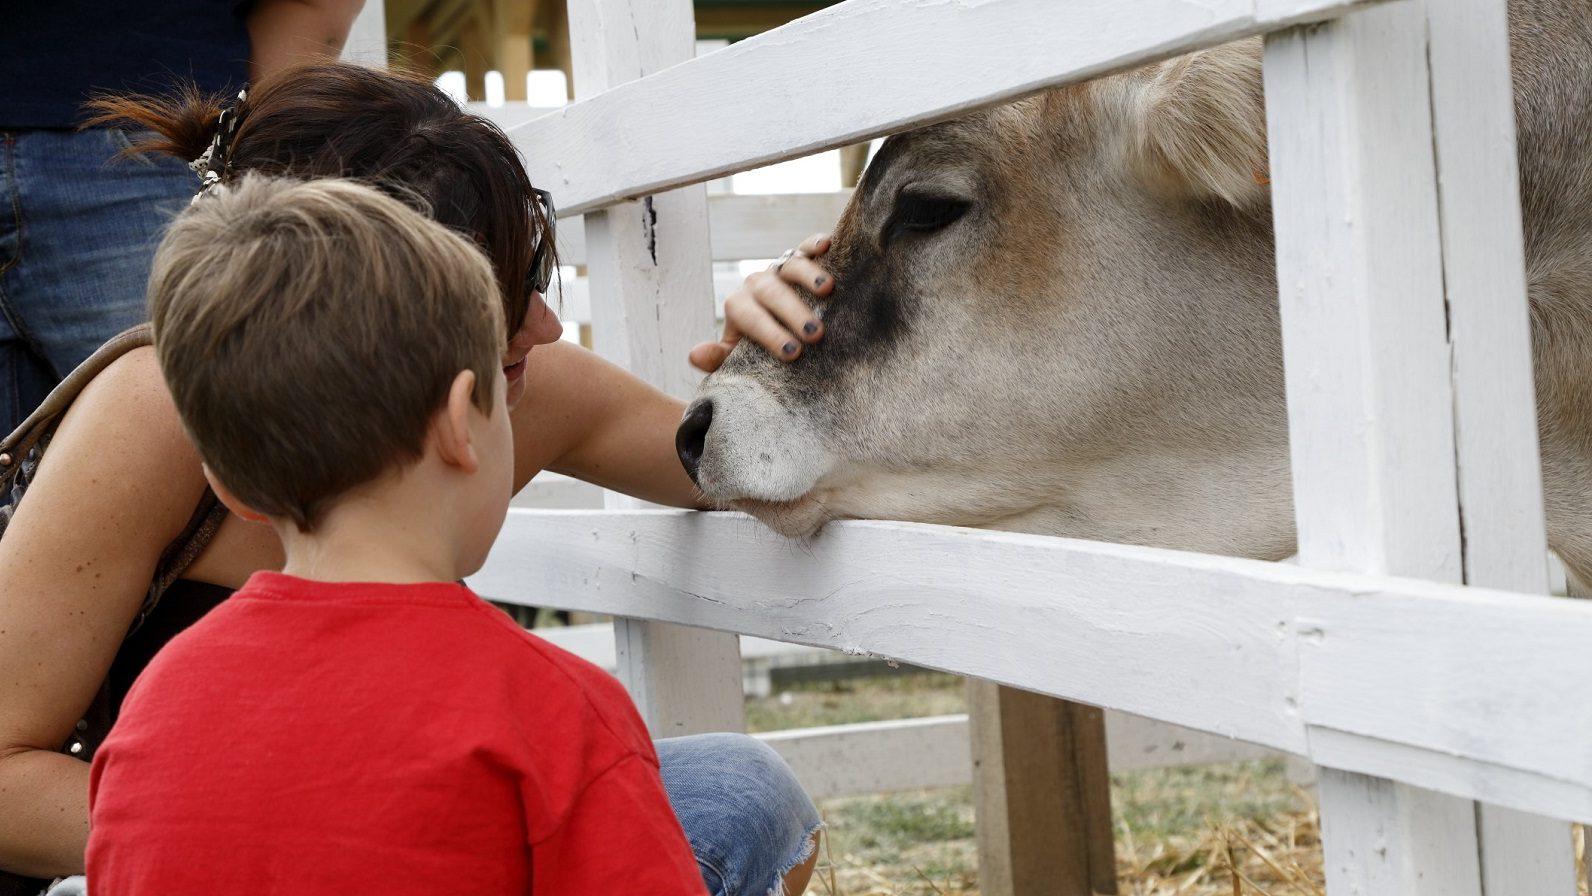 Bambini al Rural Festival 2017 accarezzano una mucca